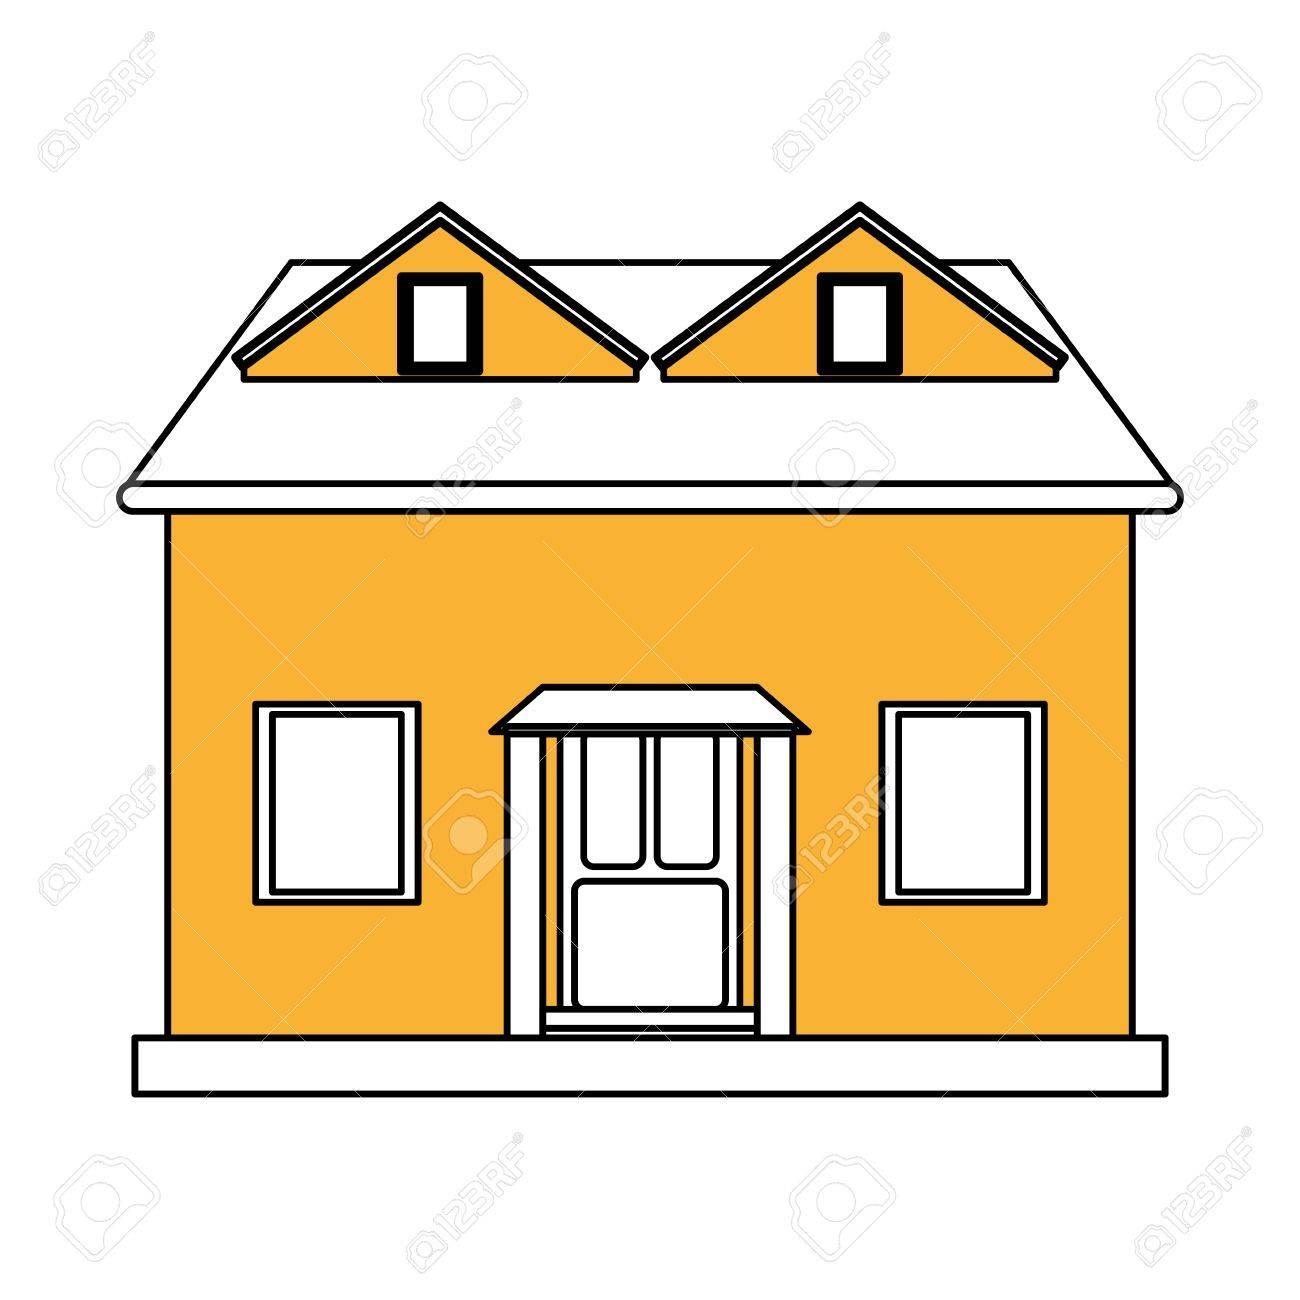 Banque dimages maison de façade jaune couleur dessin animé silhouette avec illustration vectorielle grenier